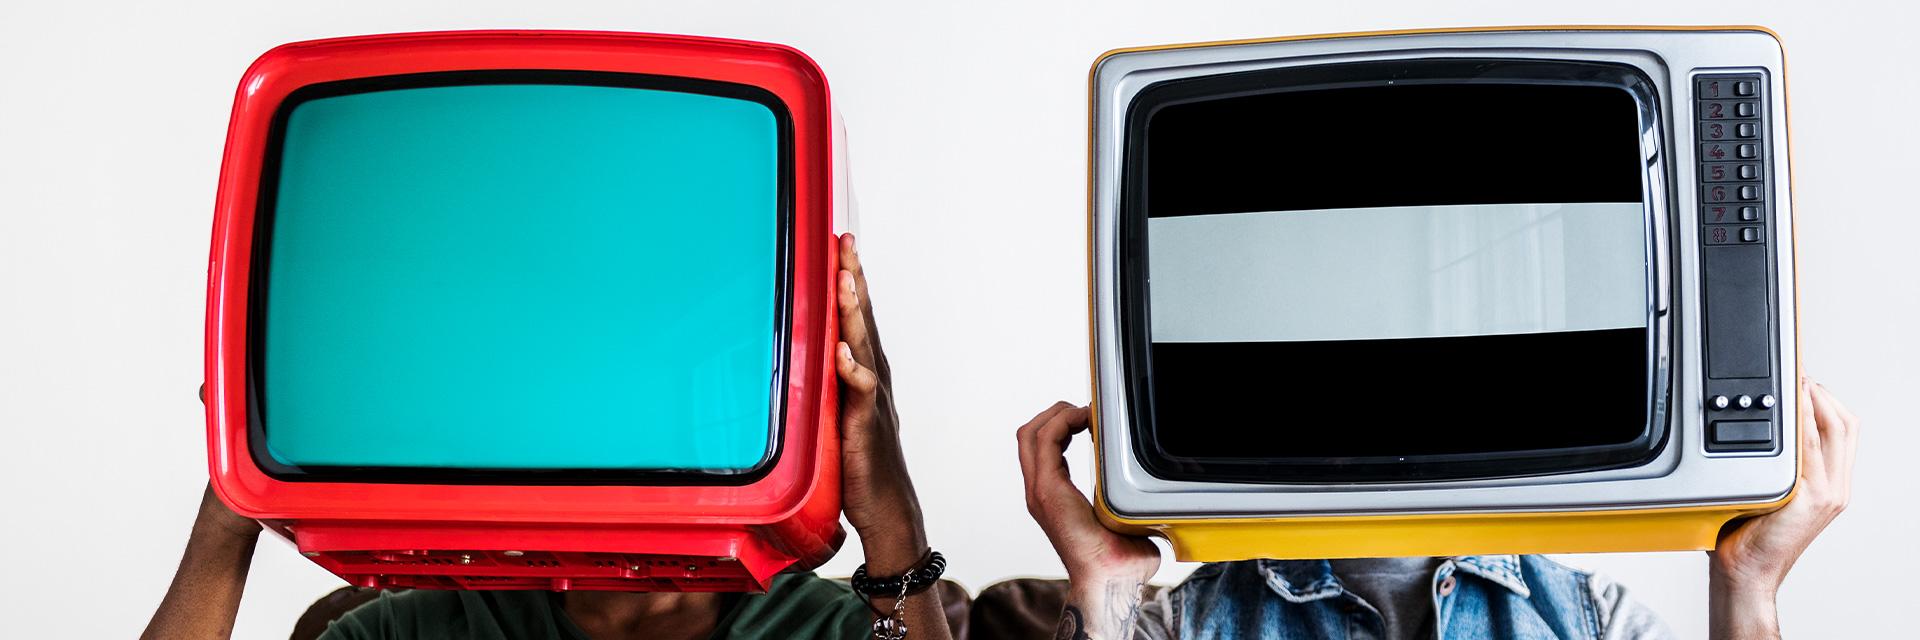 В скором времени в китае будет представлен телевизор mi tv es 2022